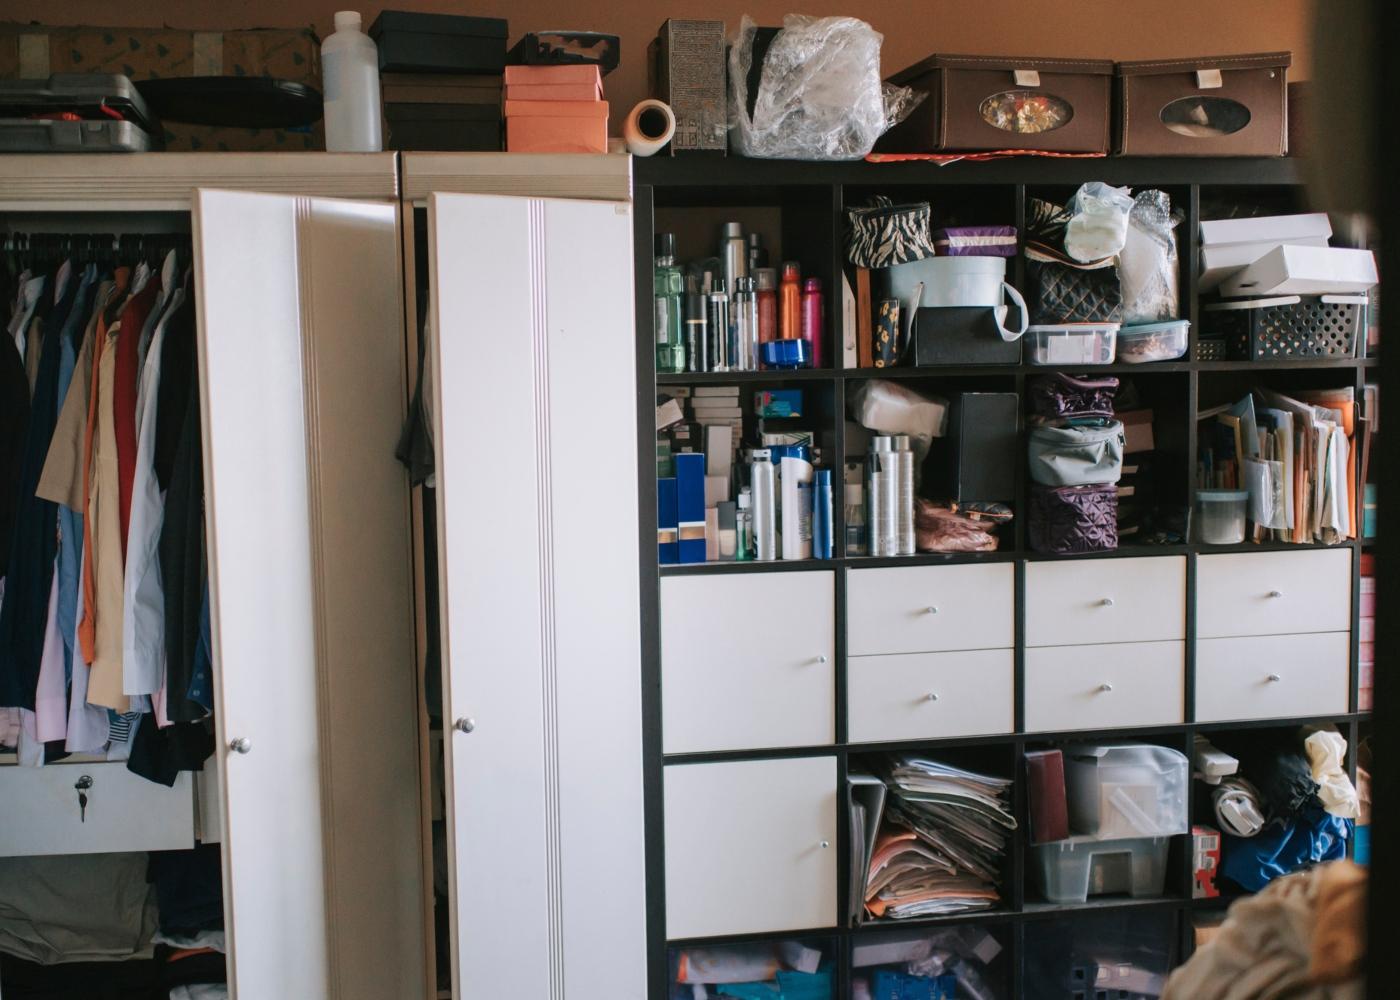 Perturbação de acumulação: armários a abarrotar com a acumulação de artigos